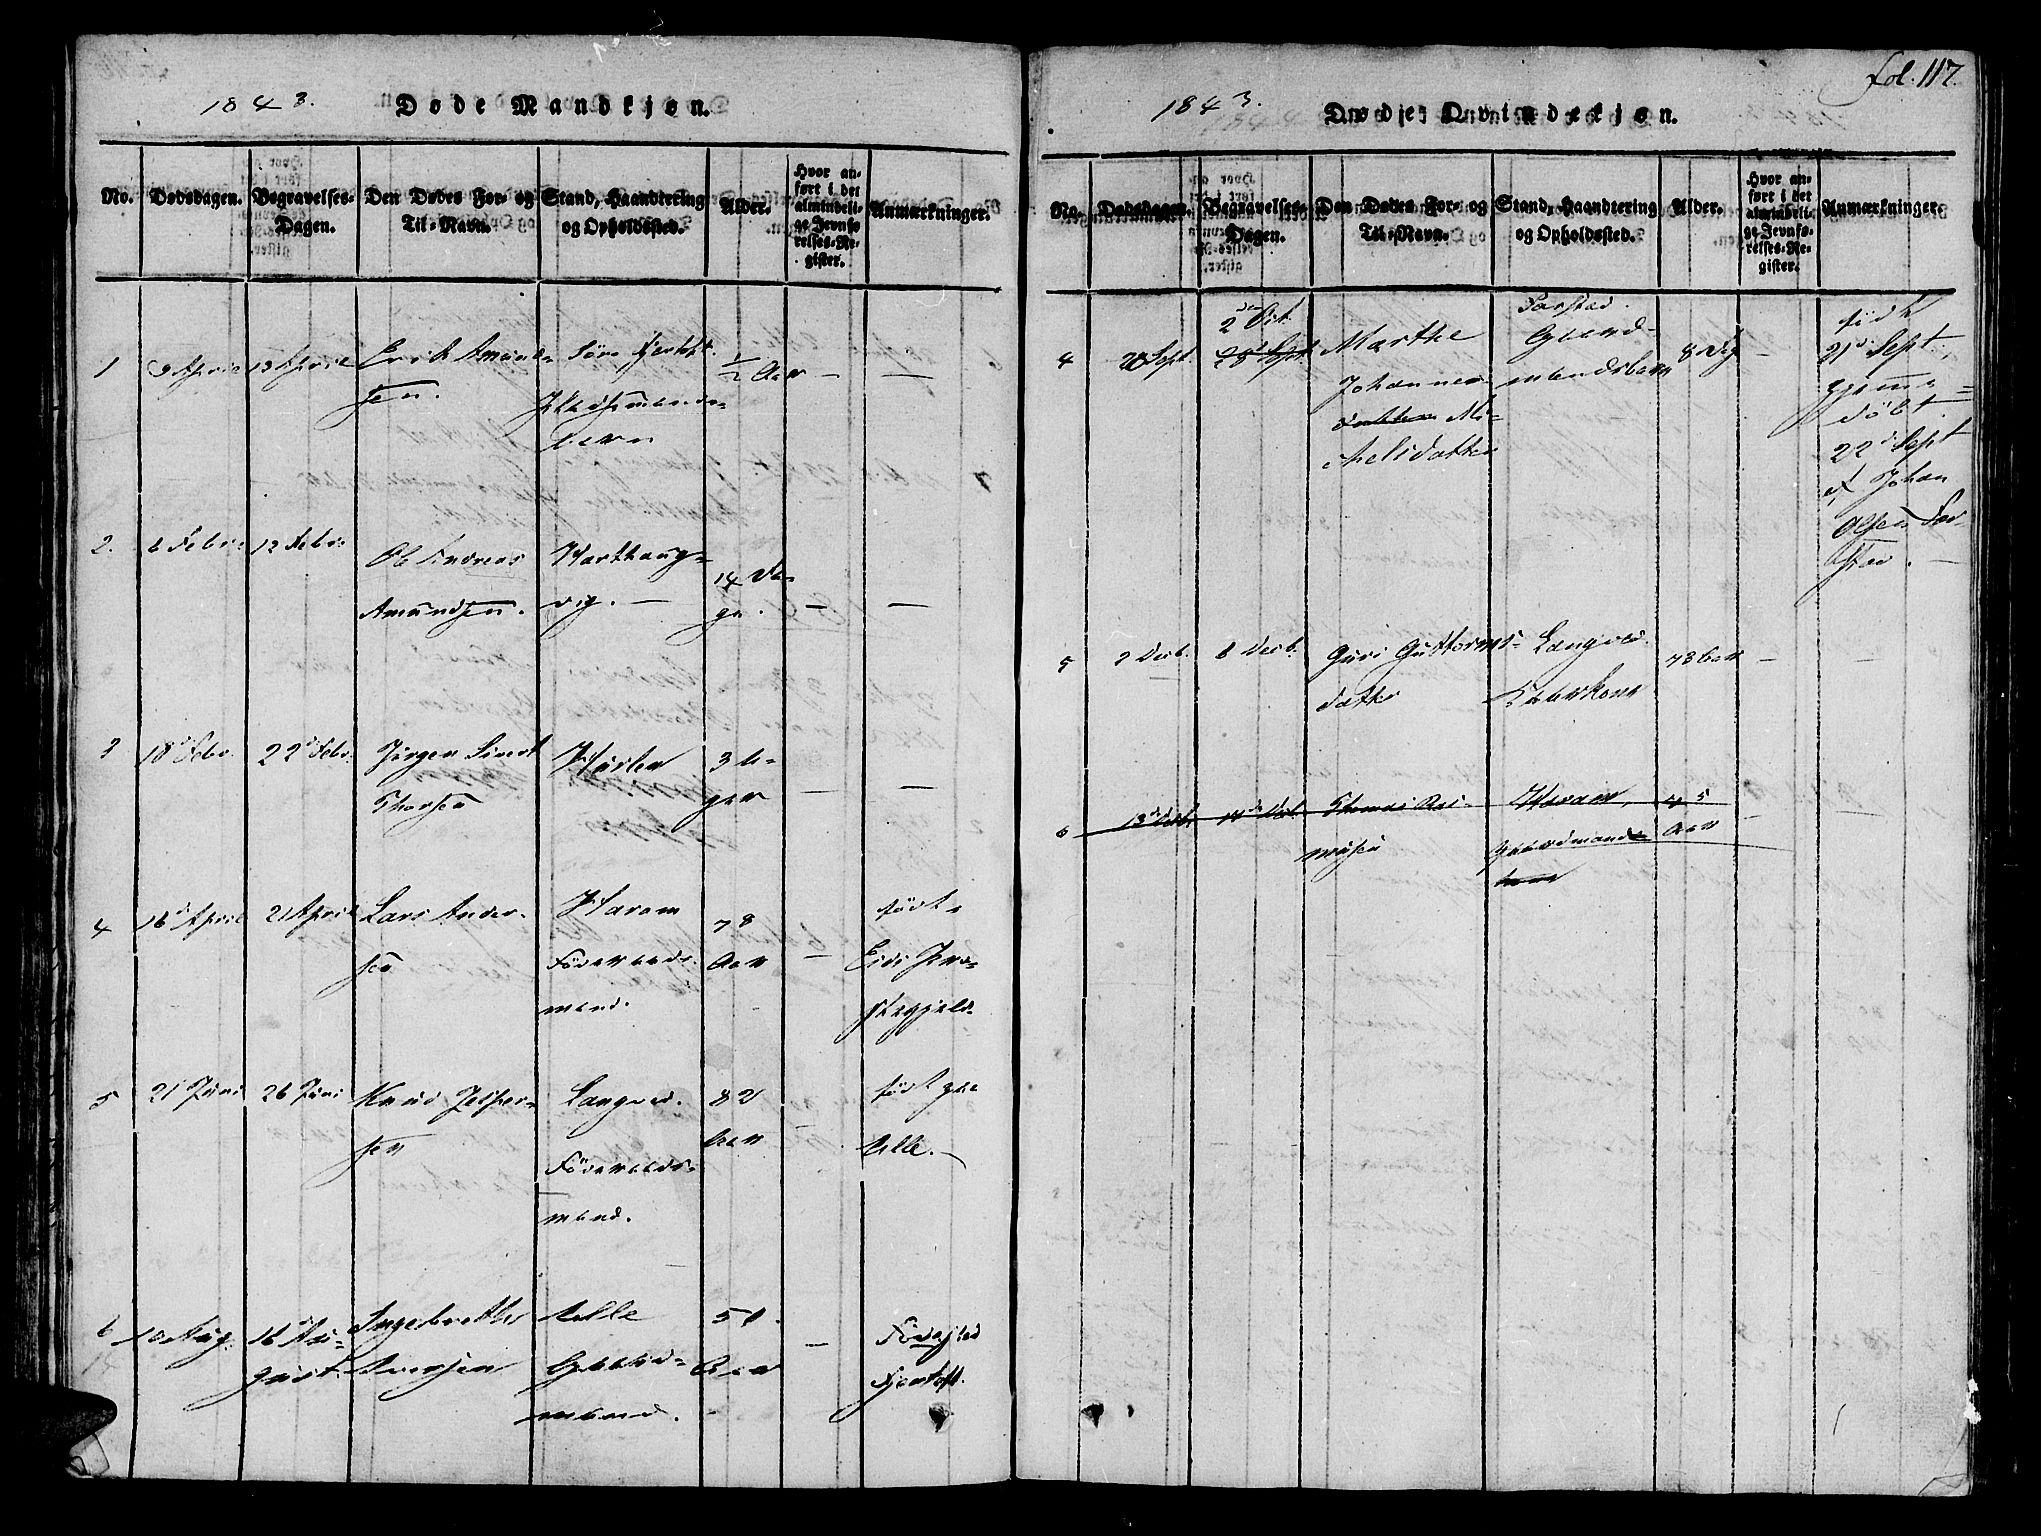 SAT, Ministerialprotokoller, klokkerbøker og fødselsregistre - Møre og Romsdal, 536/L0495: Ministerialbok nr. 536A04, 1818-1847, s. 117